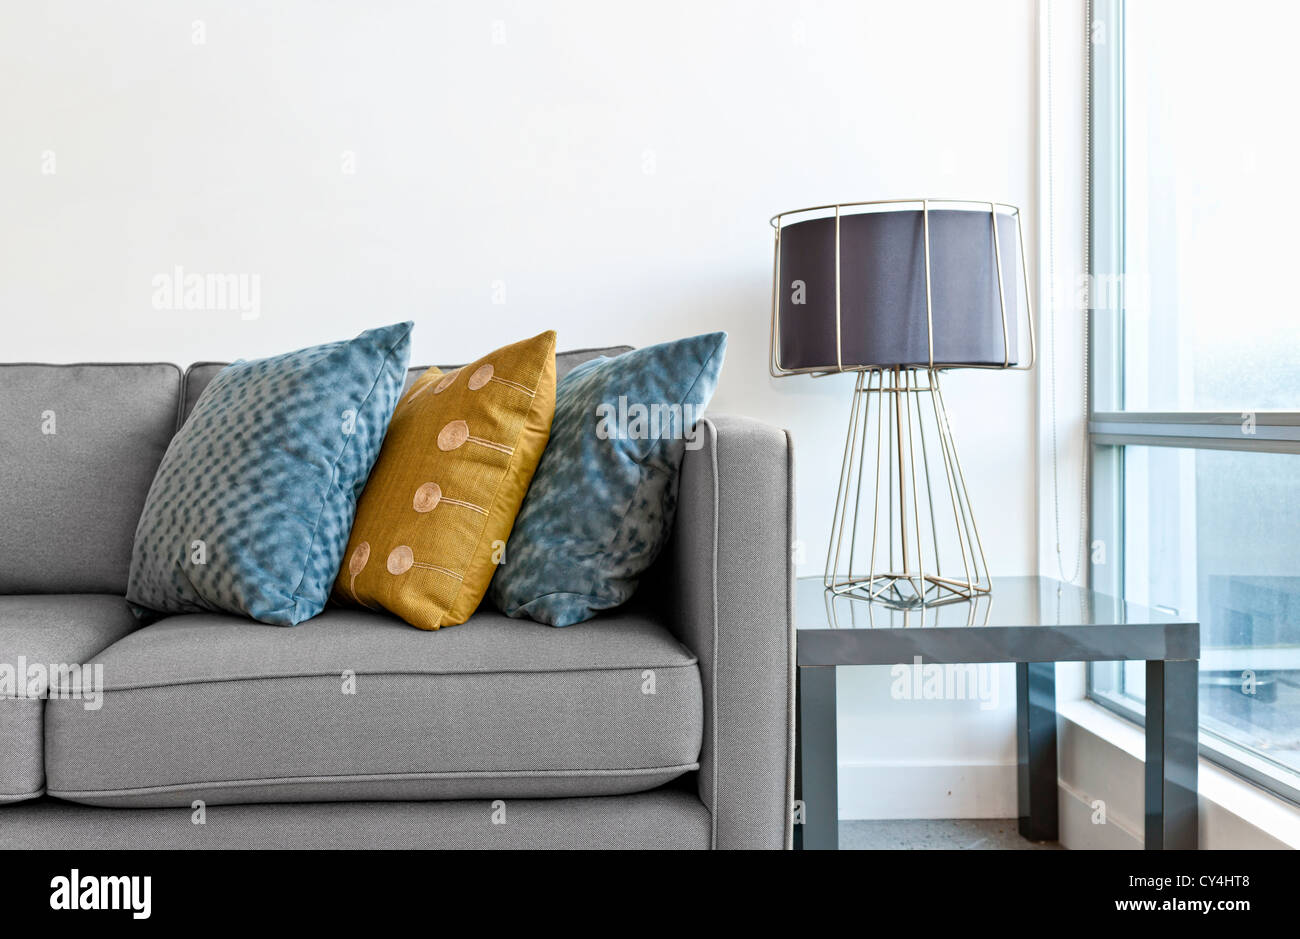 Raumgestaltung mit Couch, bunten Kissen und Lampe auf Tisch Stockbild